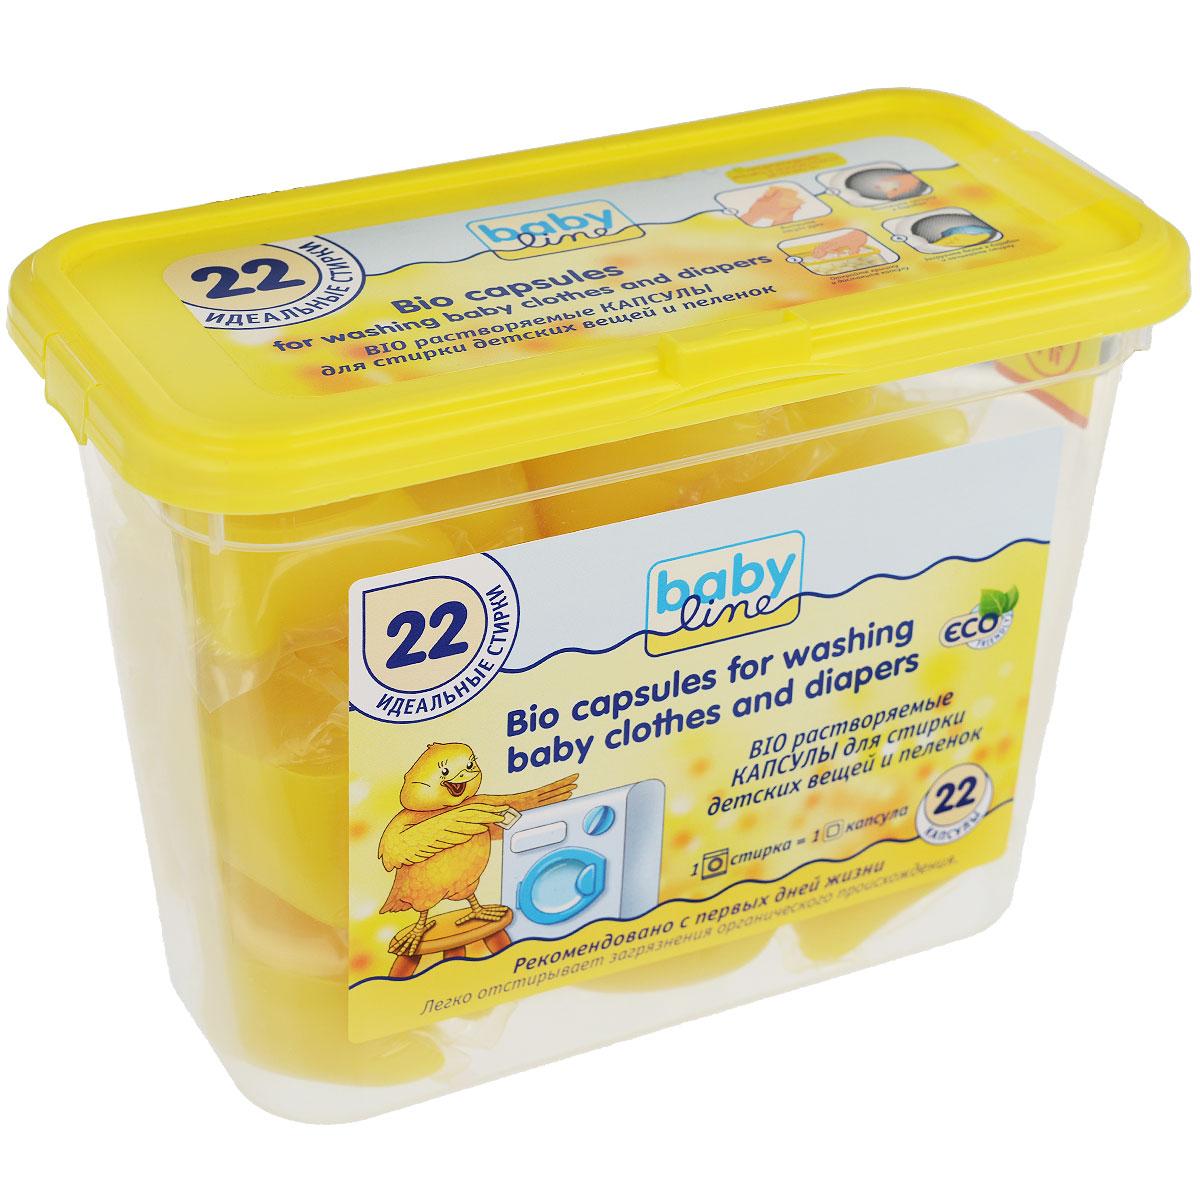 BabyLine BIO растворяемые капсулы для стирки детских вещей и пеленок, 22 шт18273356BIO капсулы растворяемые для стирки BabyLine не имеют запаха, не вызывают раздражения, идеальны при использовании людьми склонными к аллергии или с чувствительной кожей рук.Применение: 1 стирка = 1 капсула. Характеристики:Количество в упаковке: 22 шт. Вес: 660 г. Артикул: 18273356. Изготовитель: Германия. Товар сертифицирован.